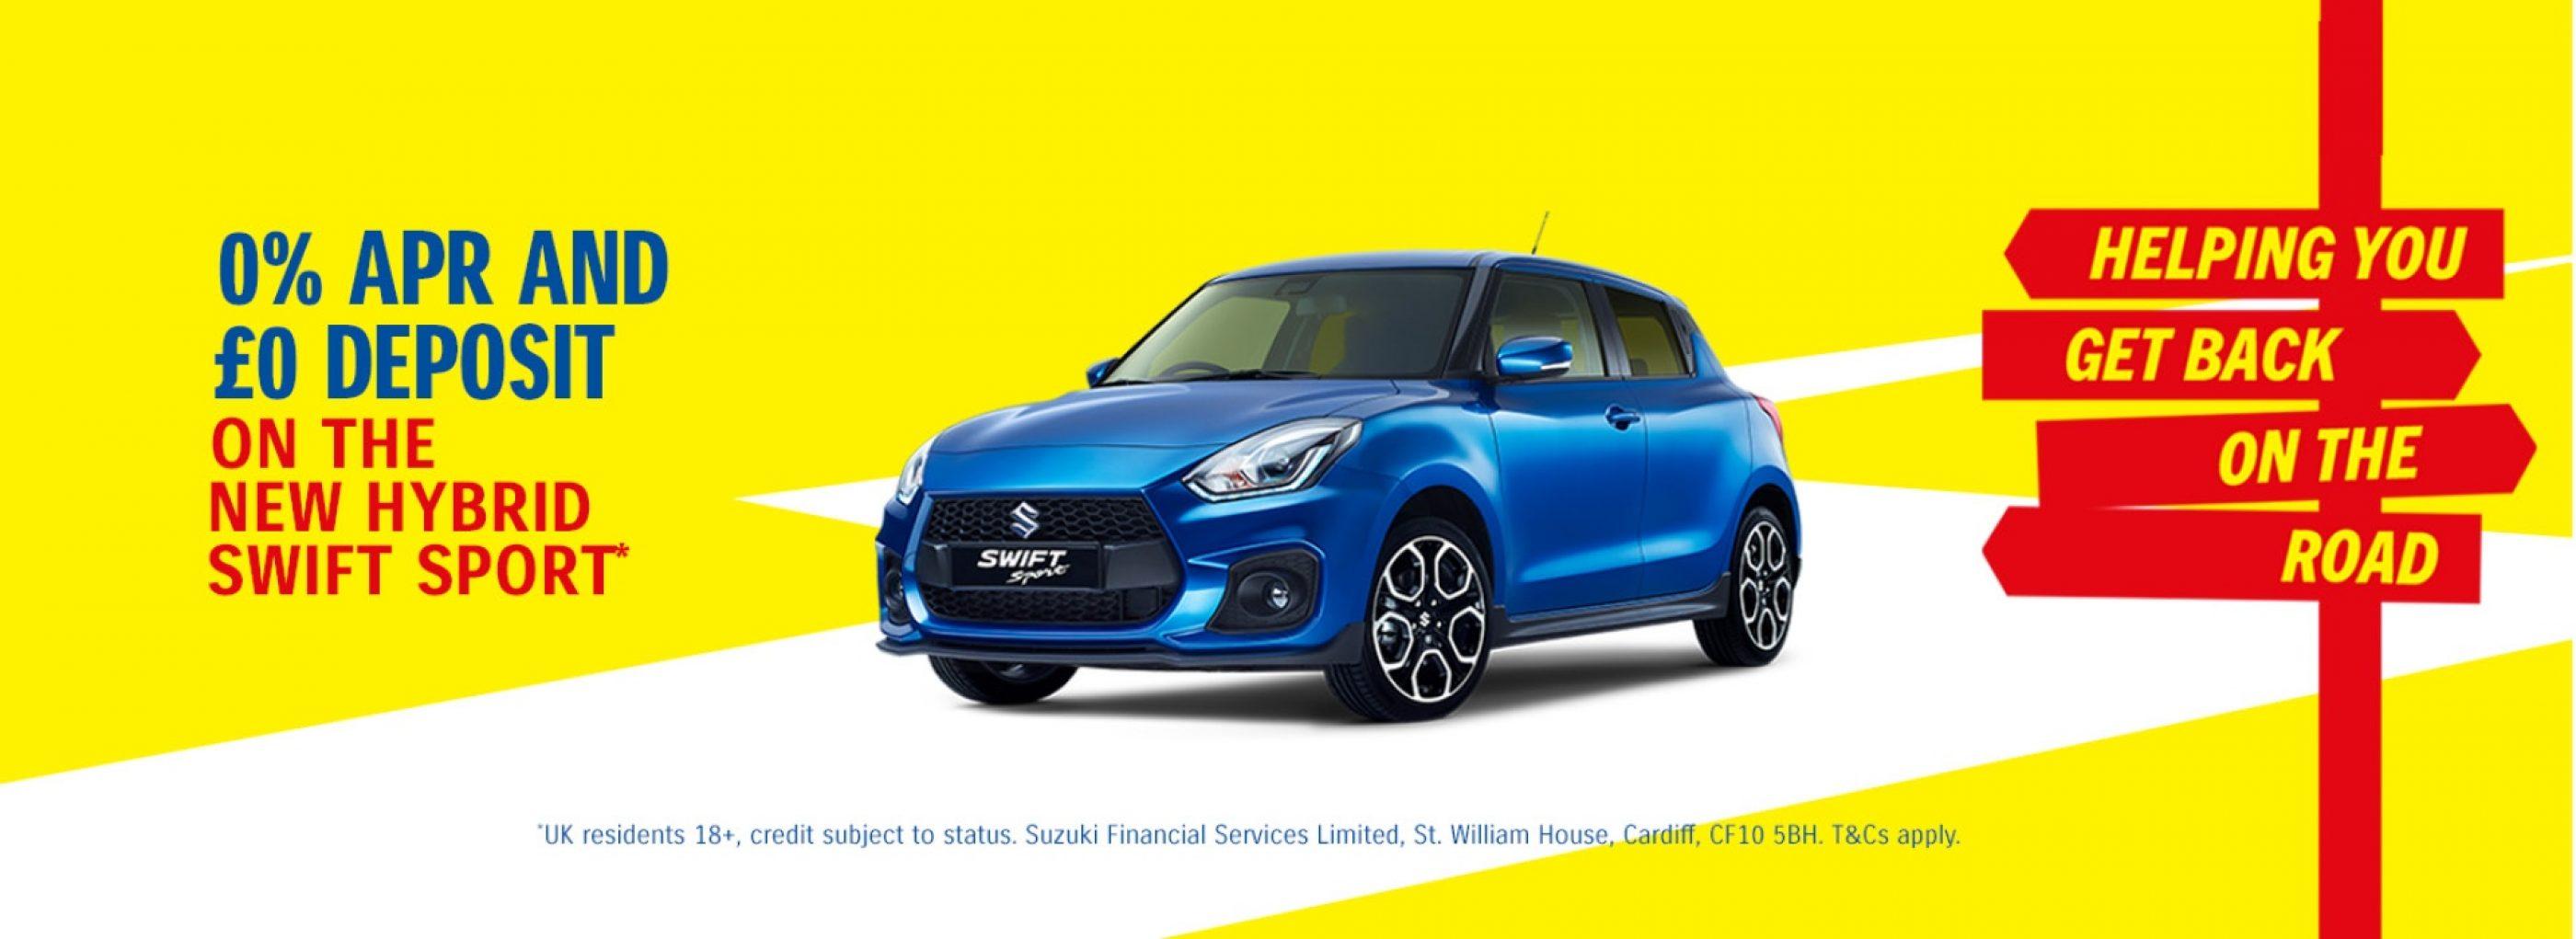 Suzuki mid page banner 1